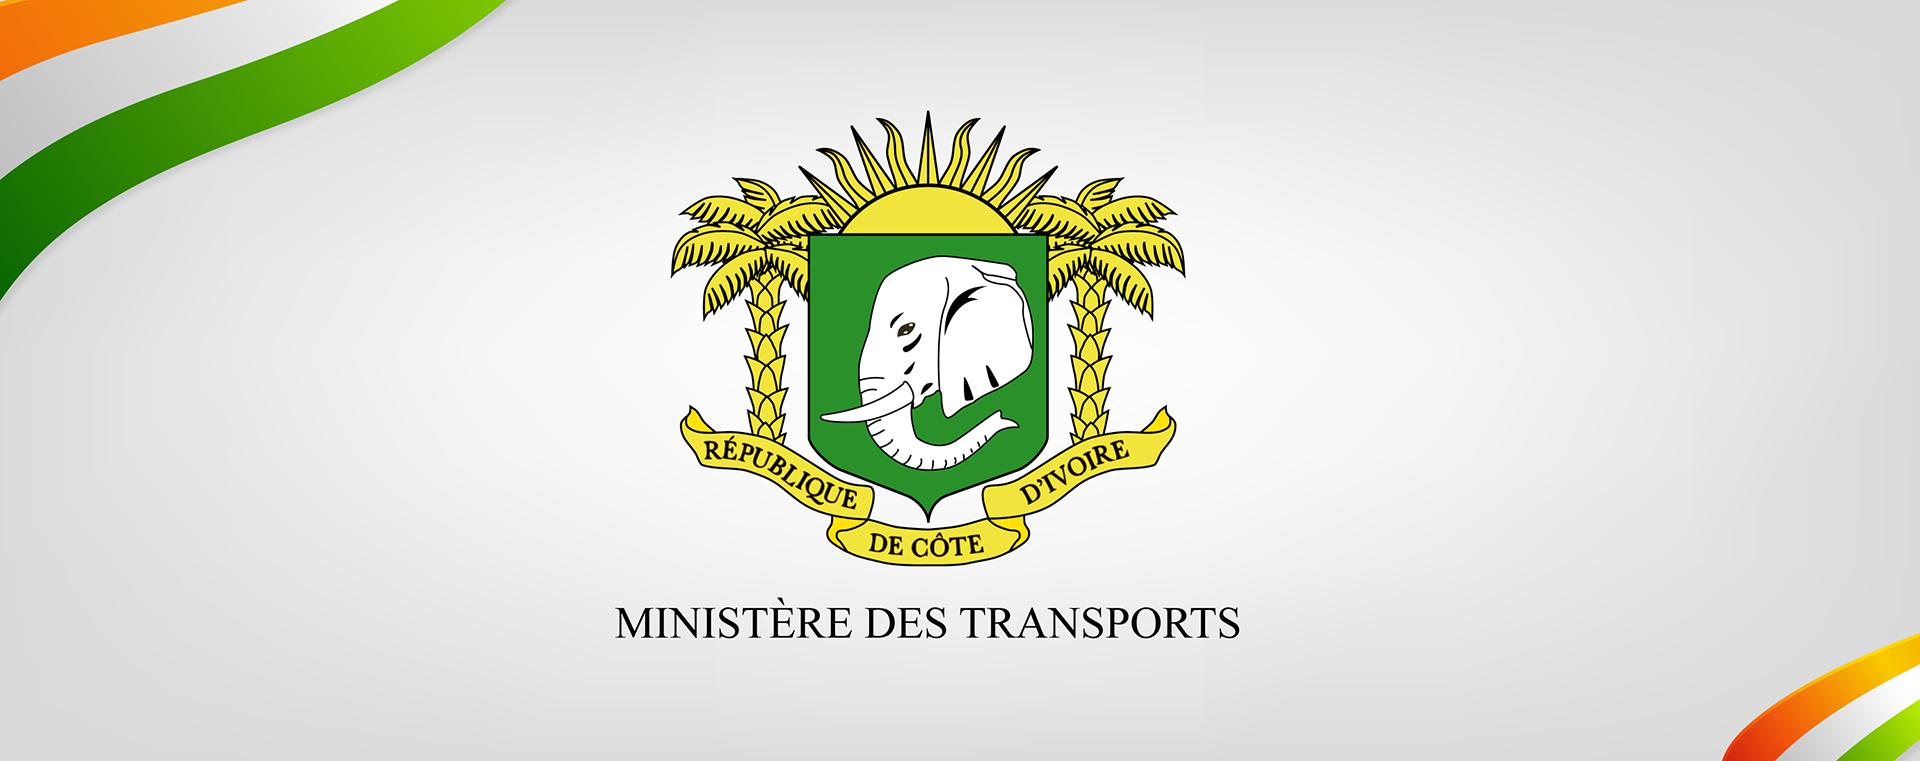 Communiqué du Ministère des Transports relatif à la situation de destruction d'autobus et de véhicules de transport public de marchandises et de voyageurs